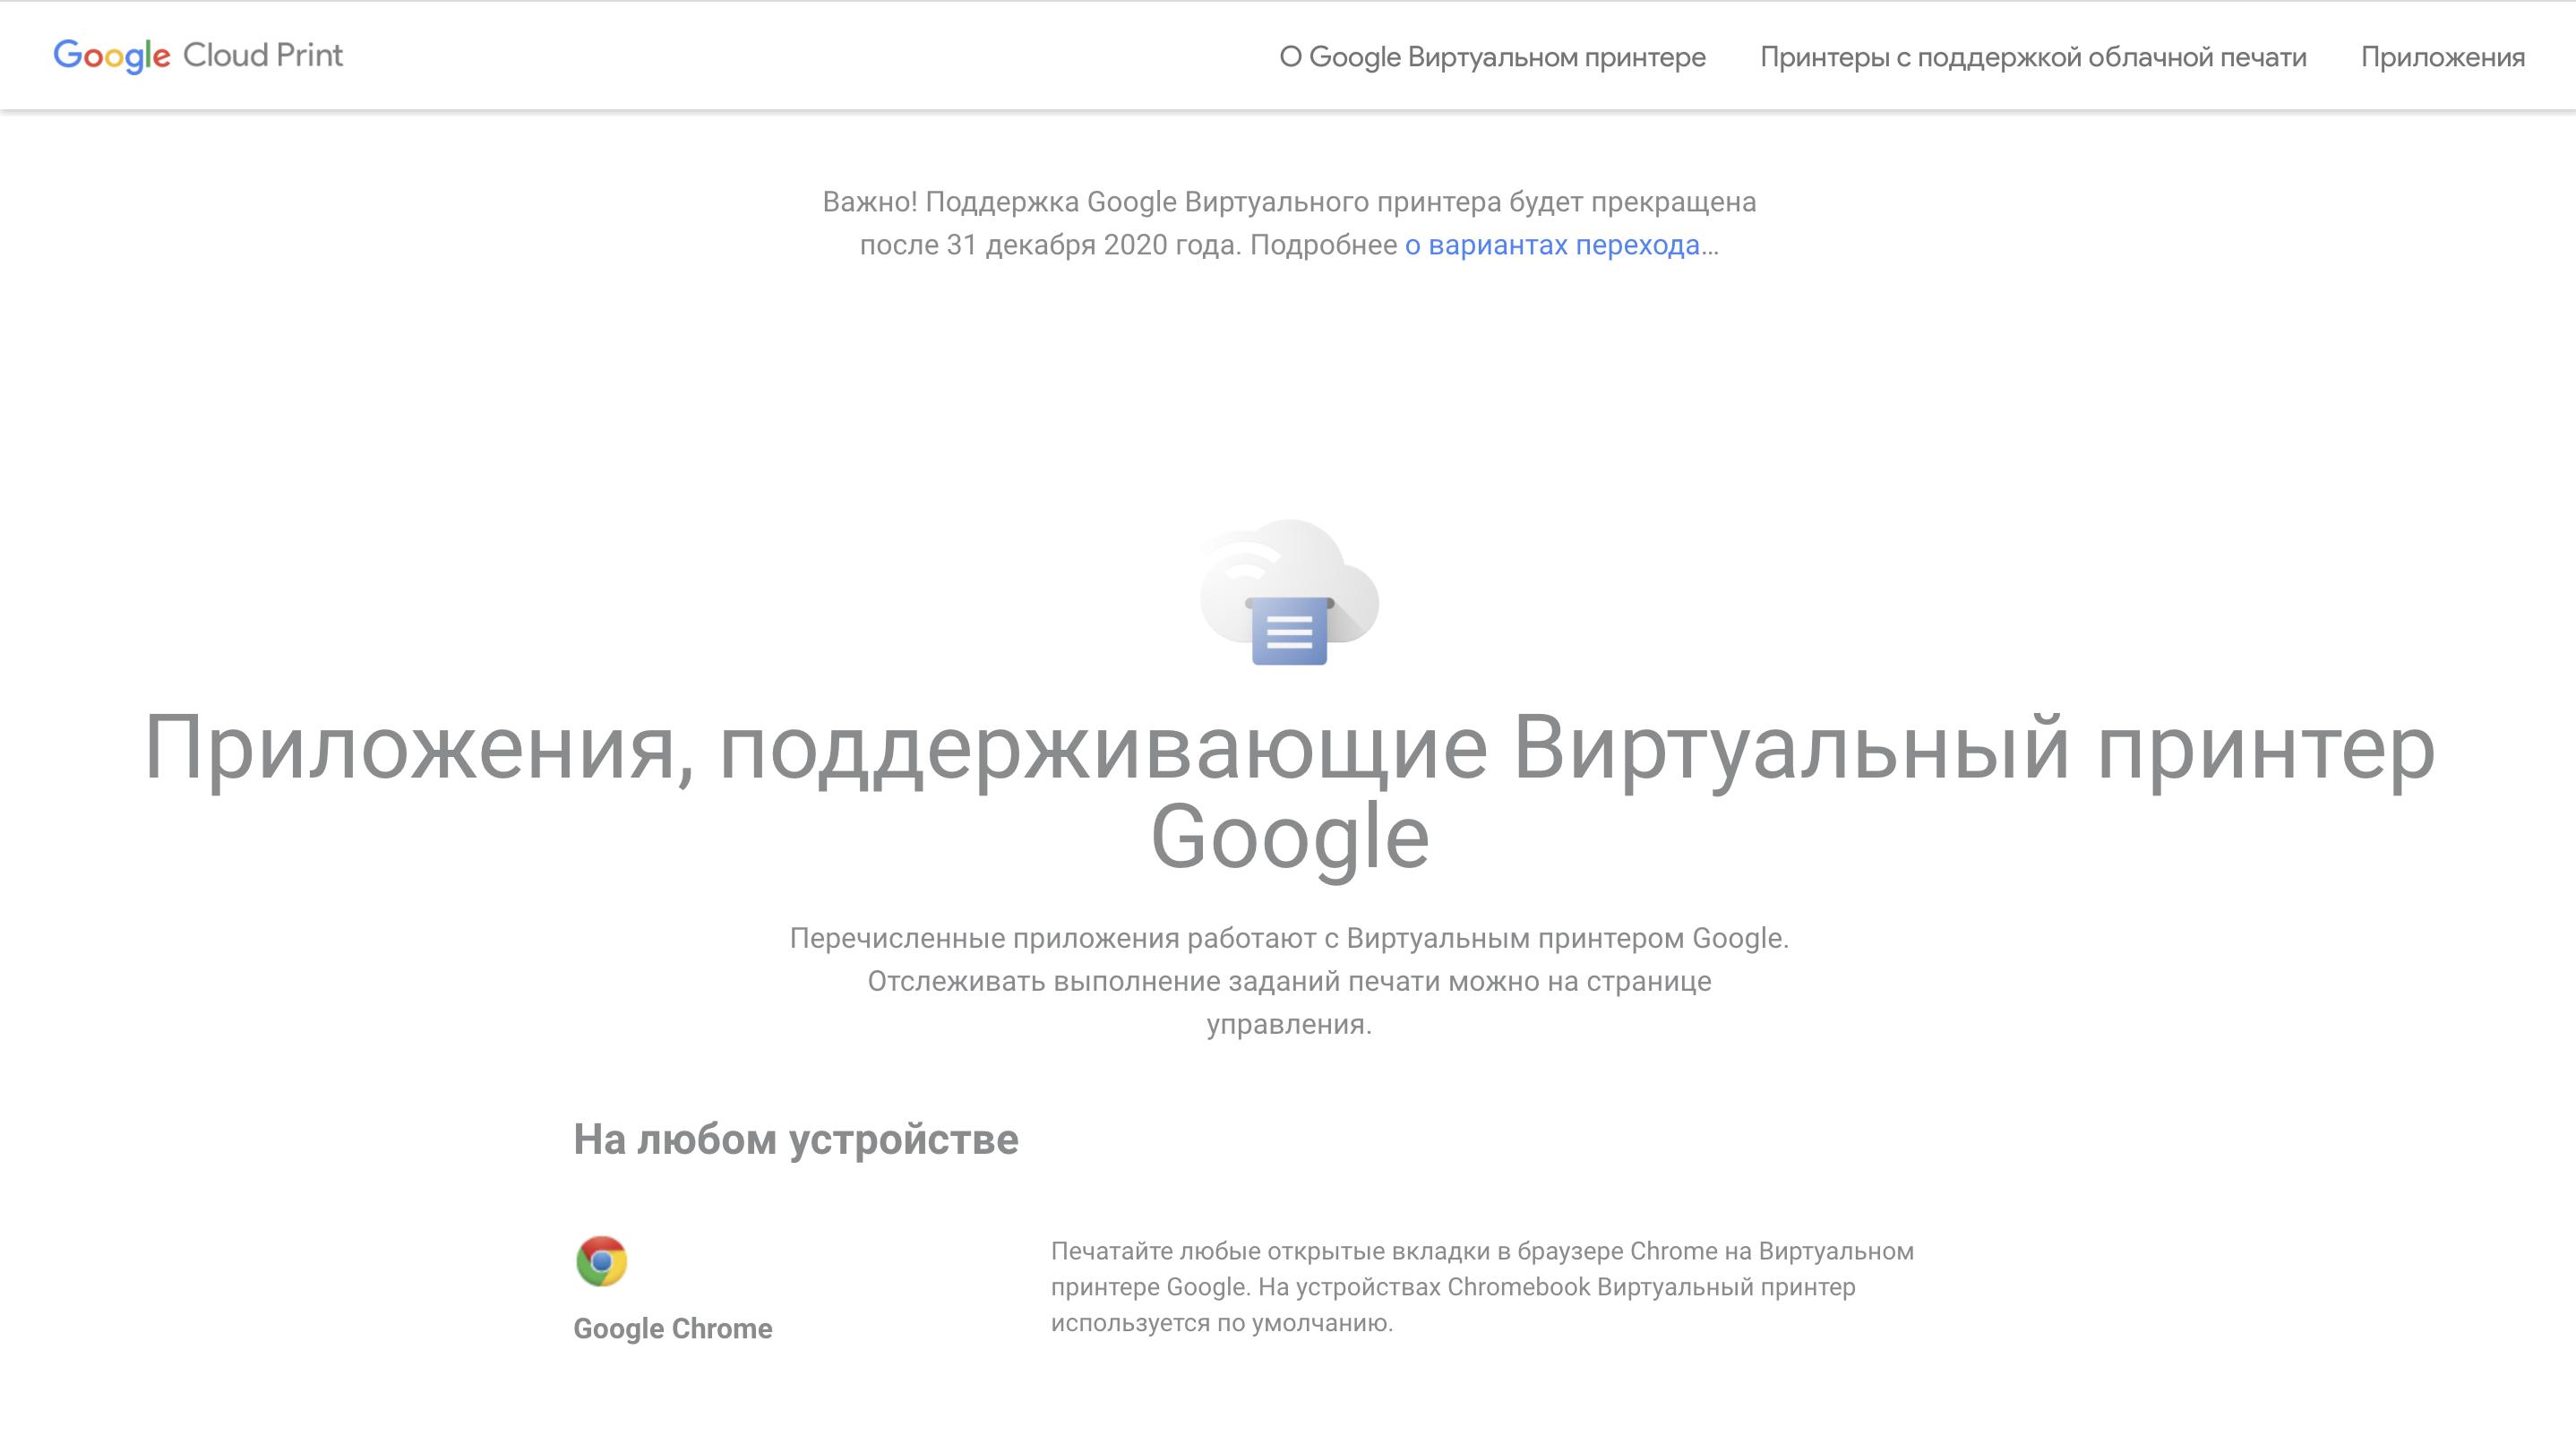 как получить распечатку смс мтс с текстом - виртуальный принтер